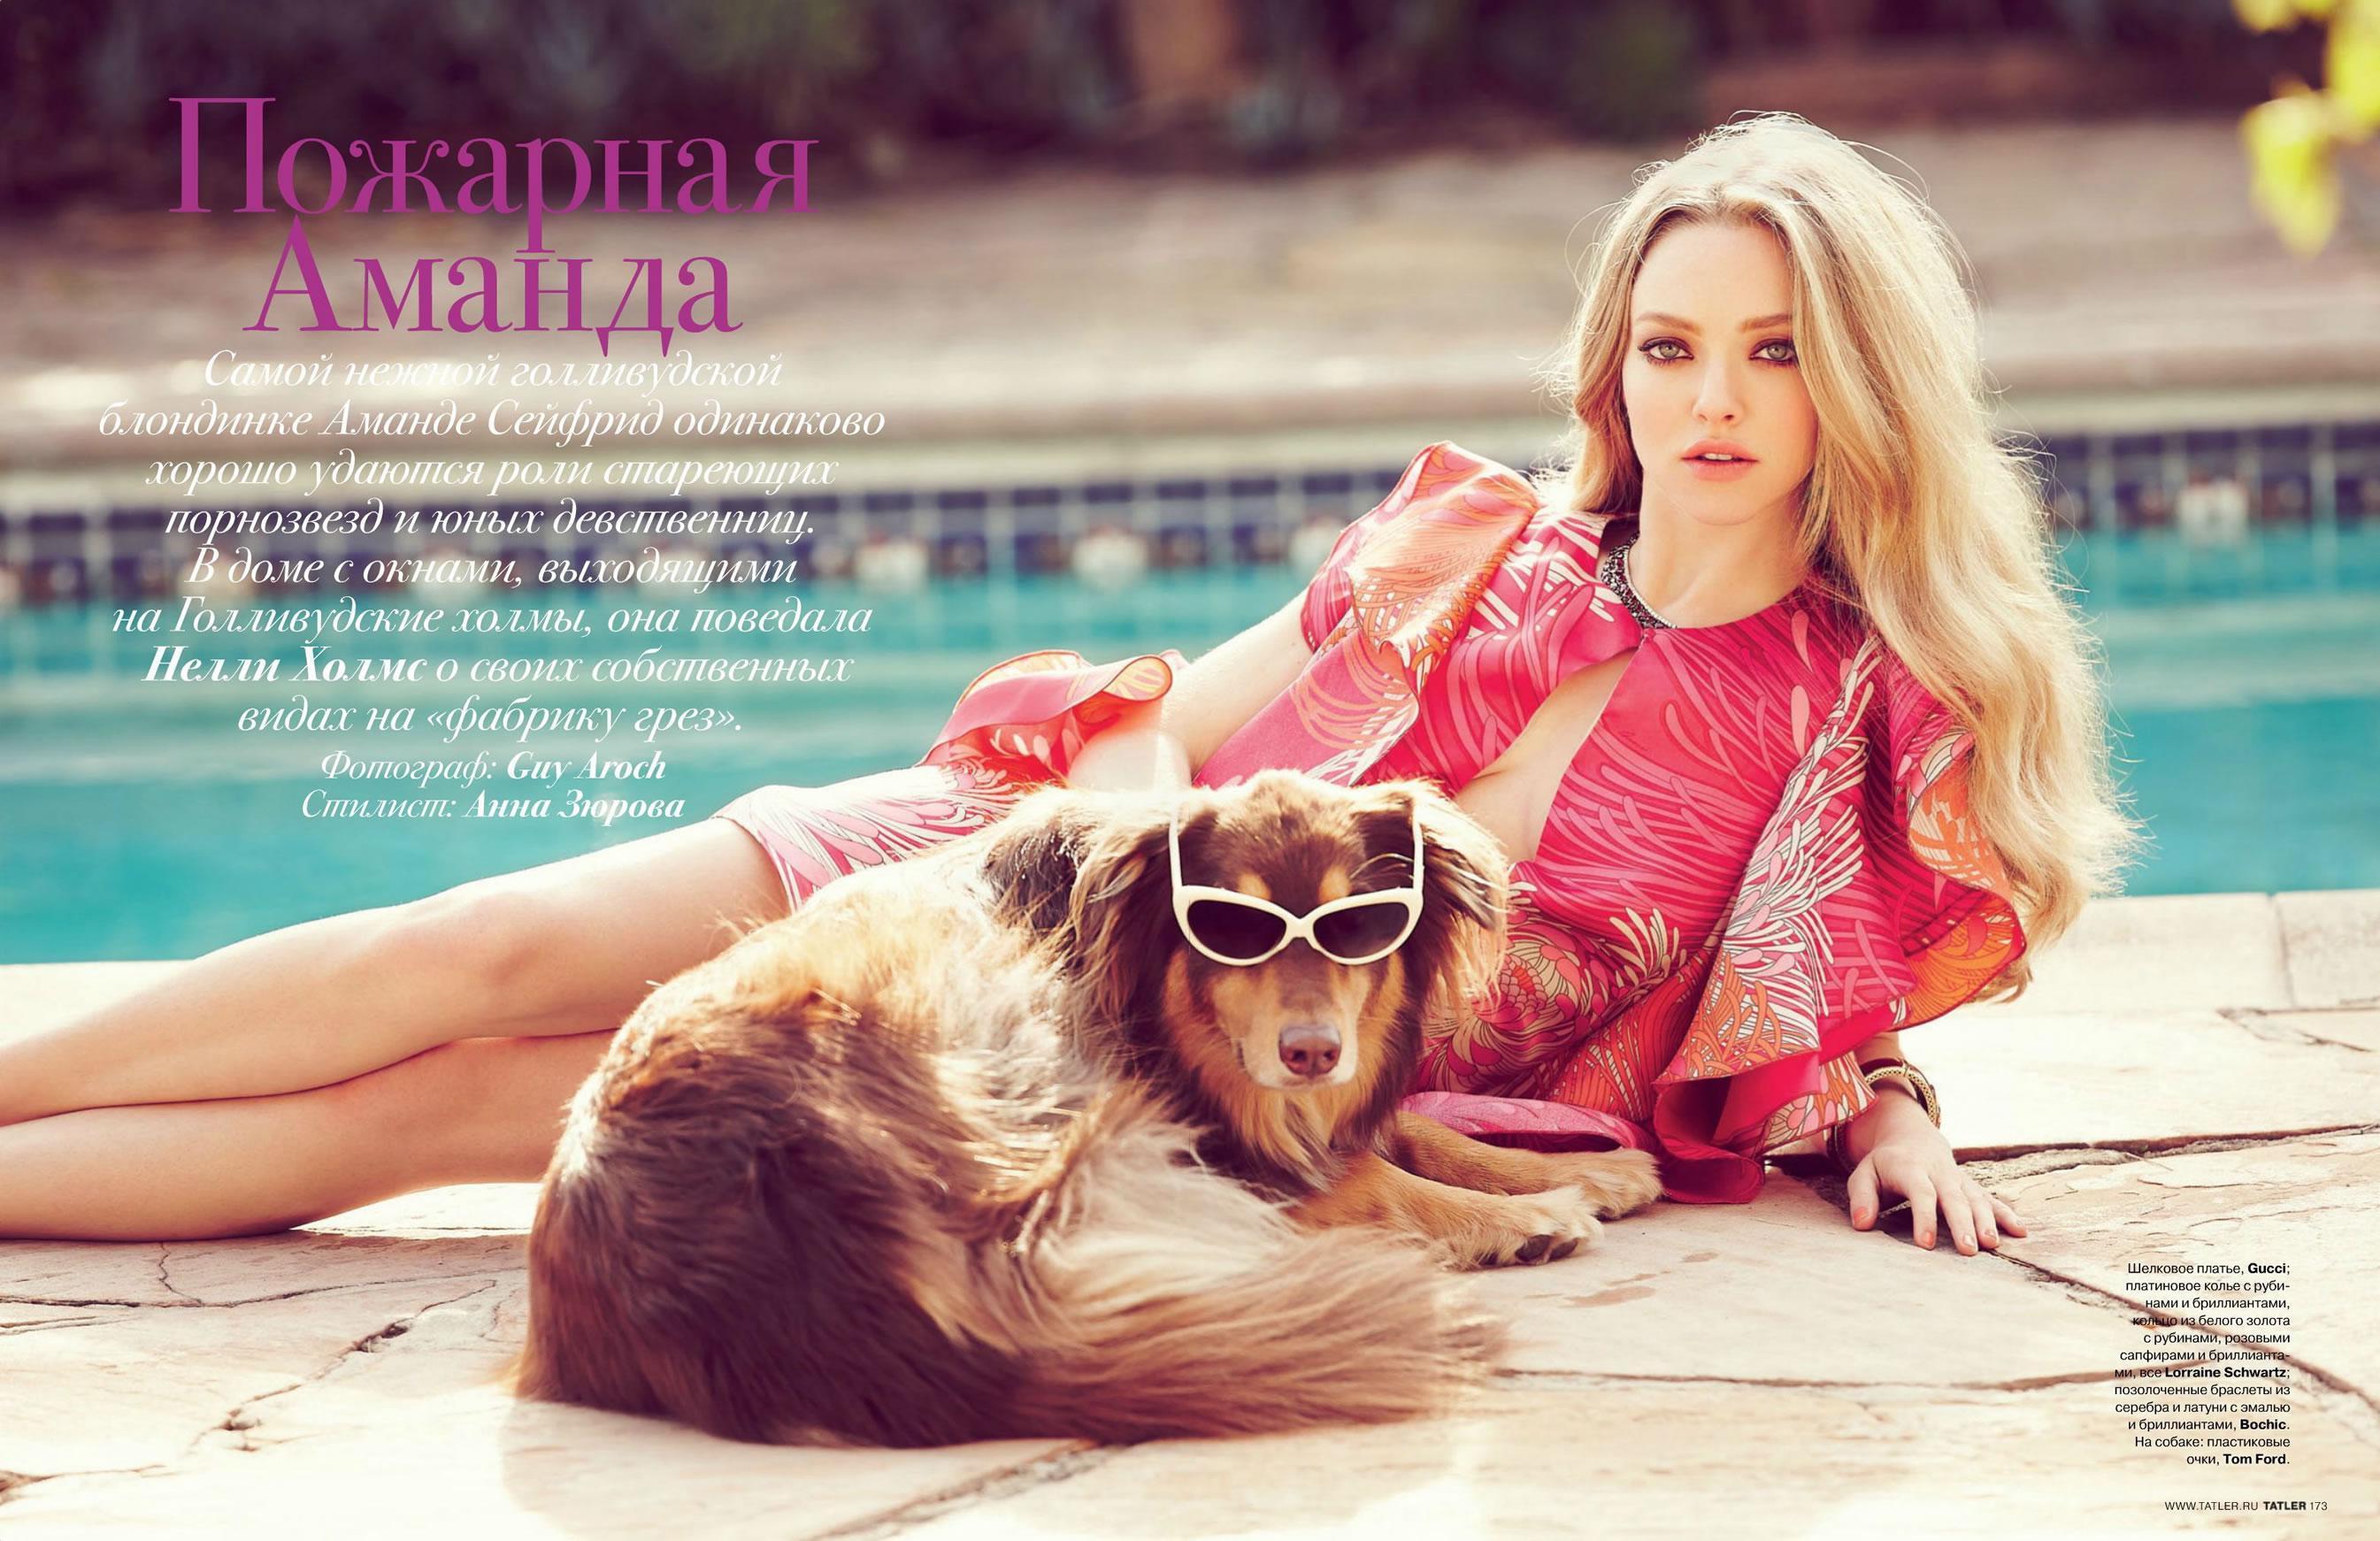 Amanda Seyfried desnuda follando 4